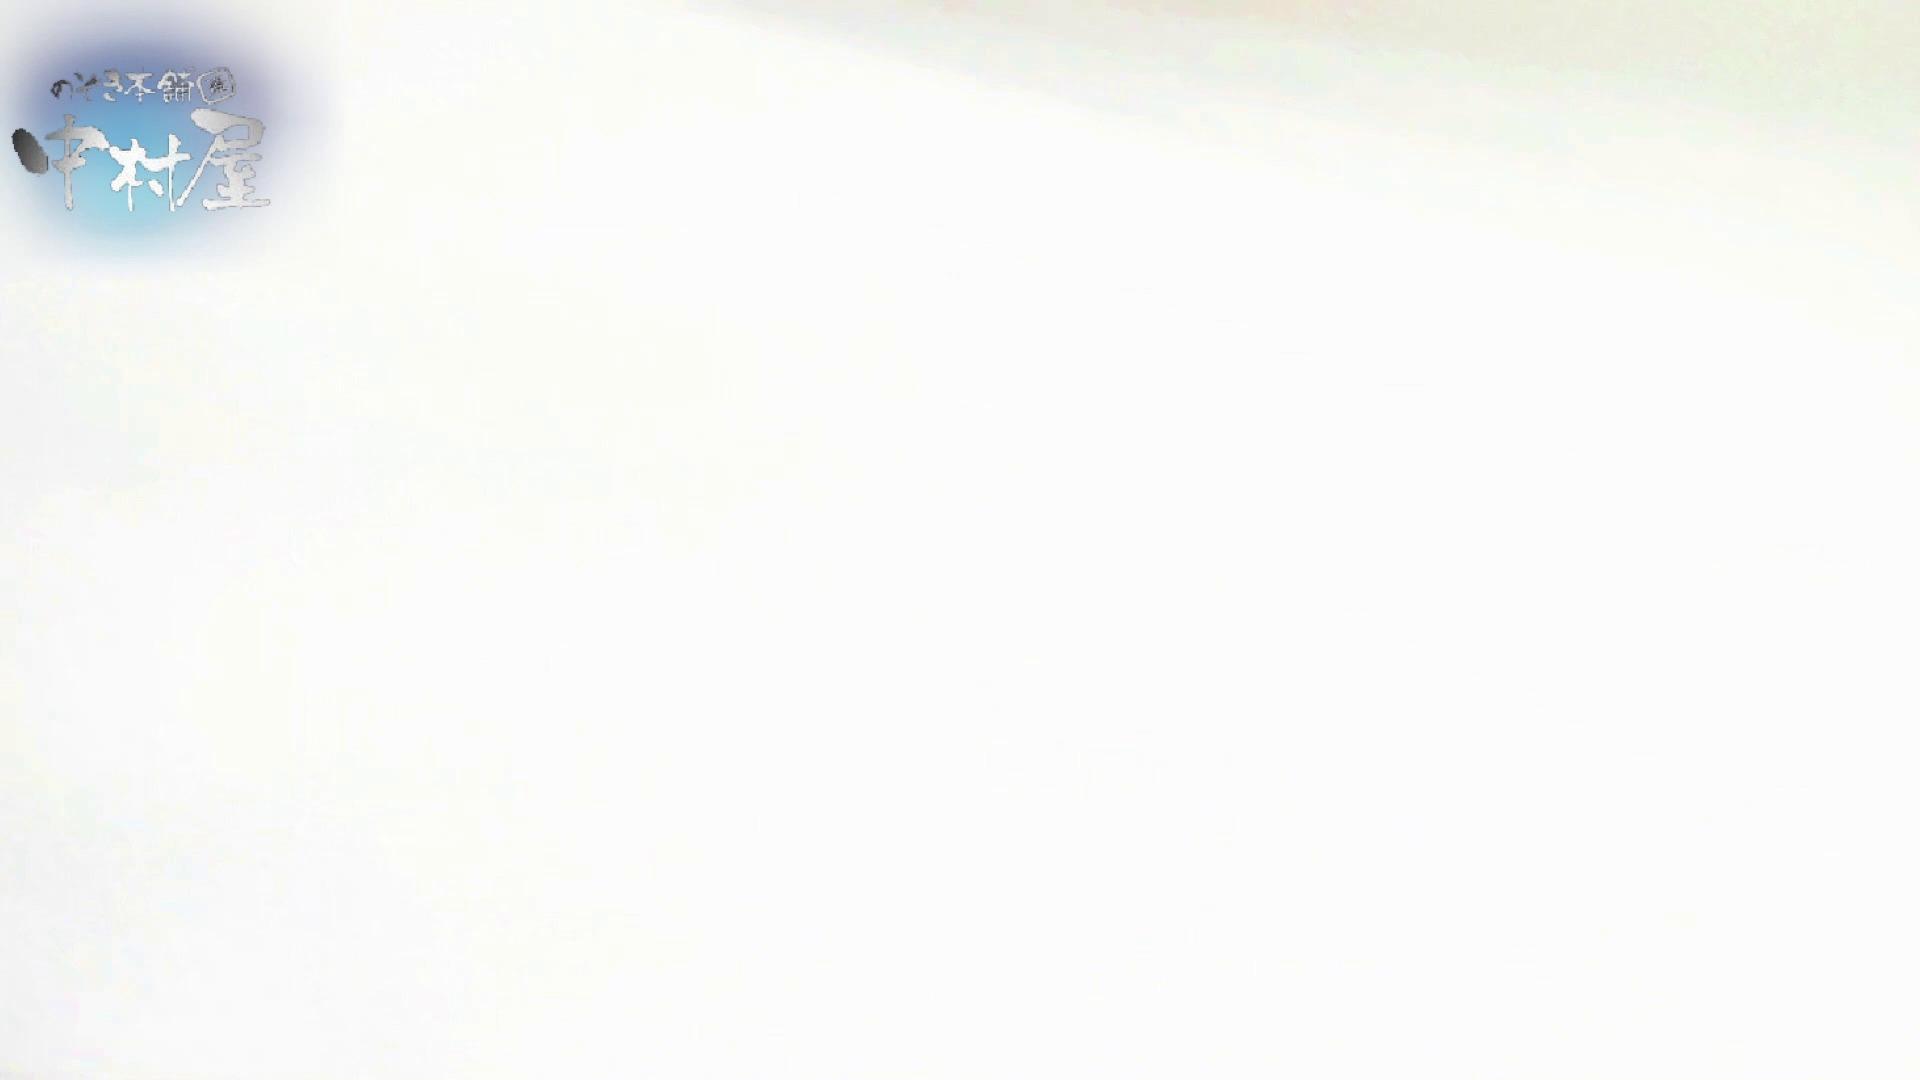 乙女集まる!ショッピングモール潜入撮vol.07 乙女 覗きおまんこ画像 102画像 10